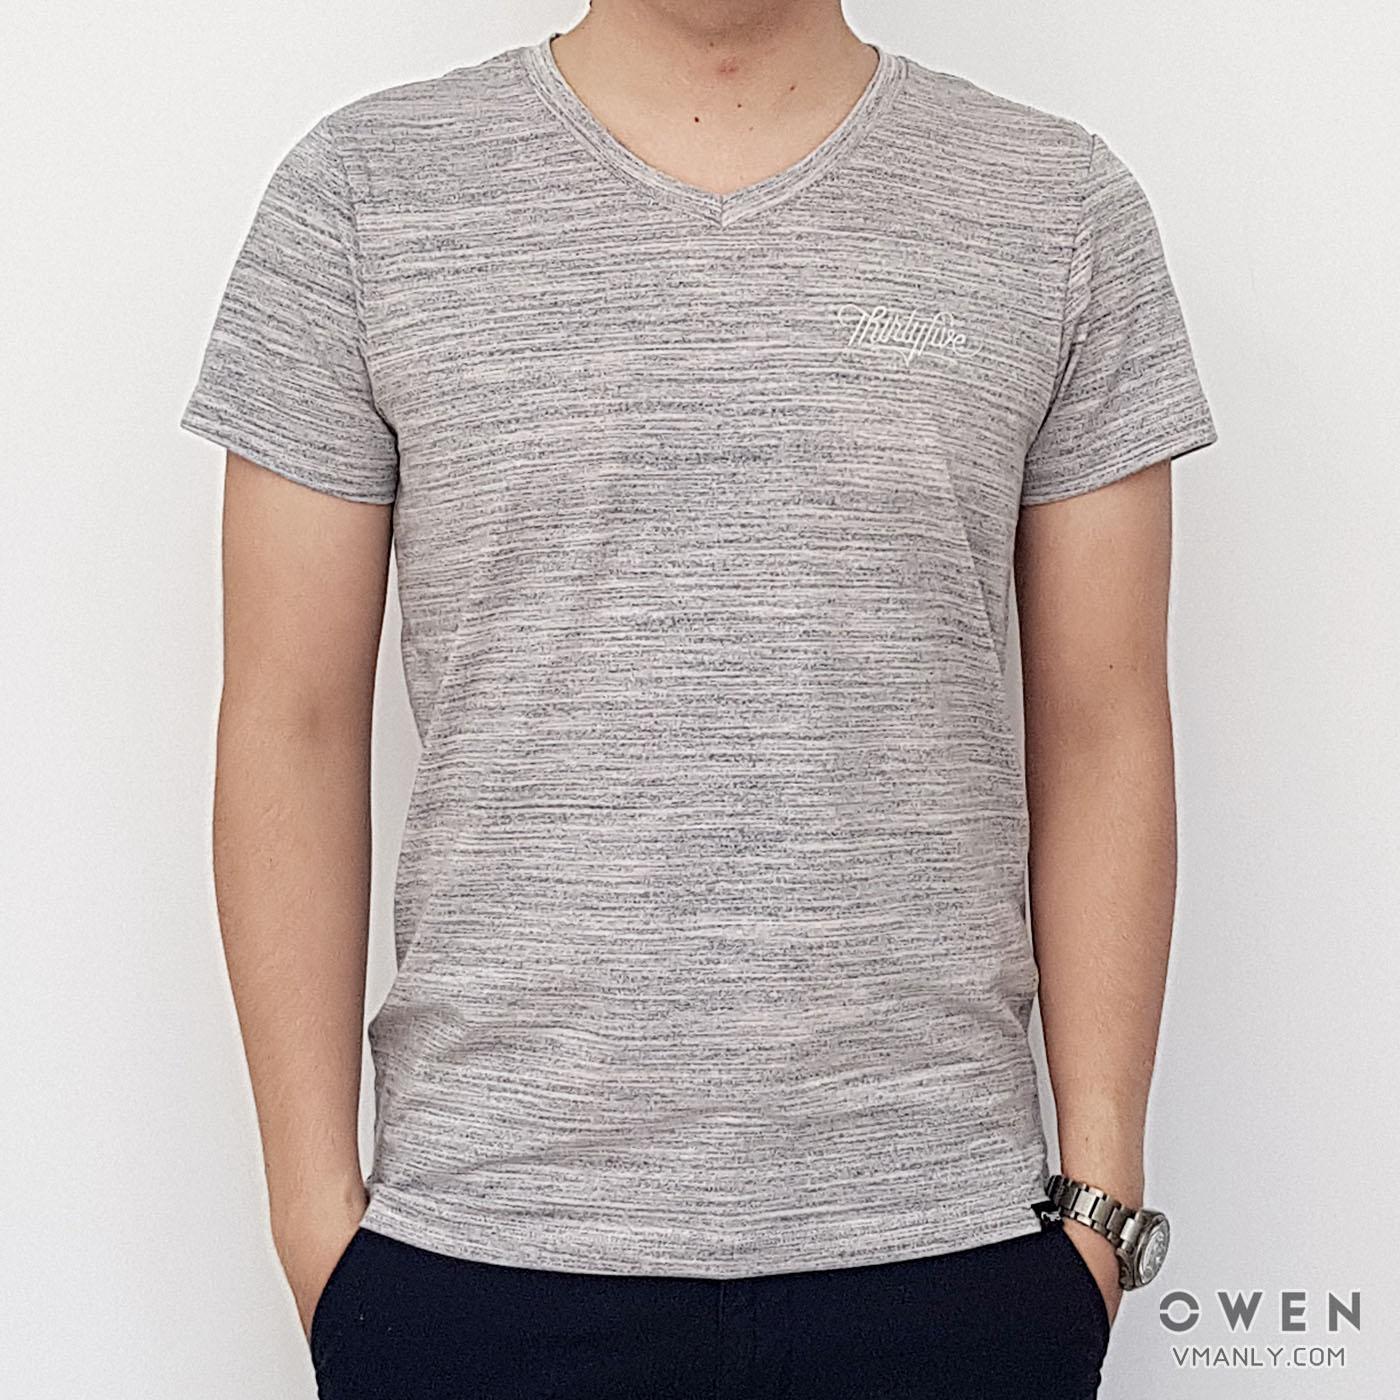 Áo T-shirt nam Owen cổ tim màu xám xanh TS18231N